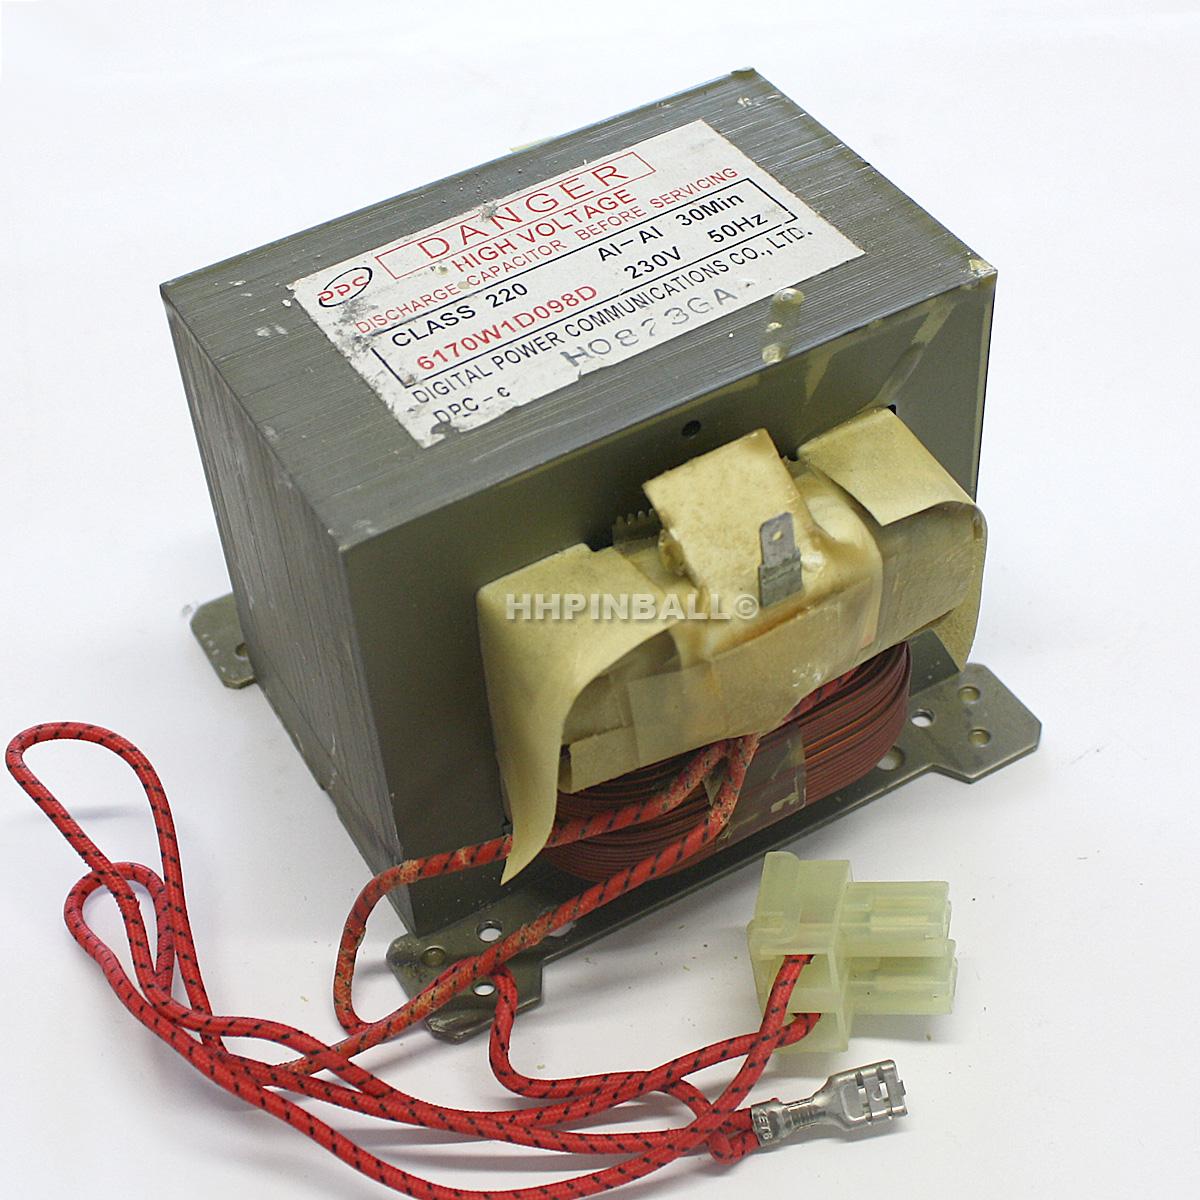 mikrowelle trafo transformator hochspannungstrafo mikrowellentrafo